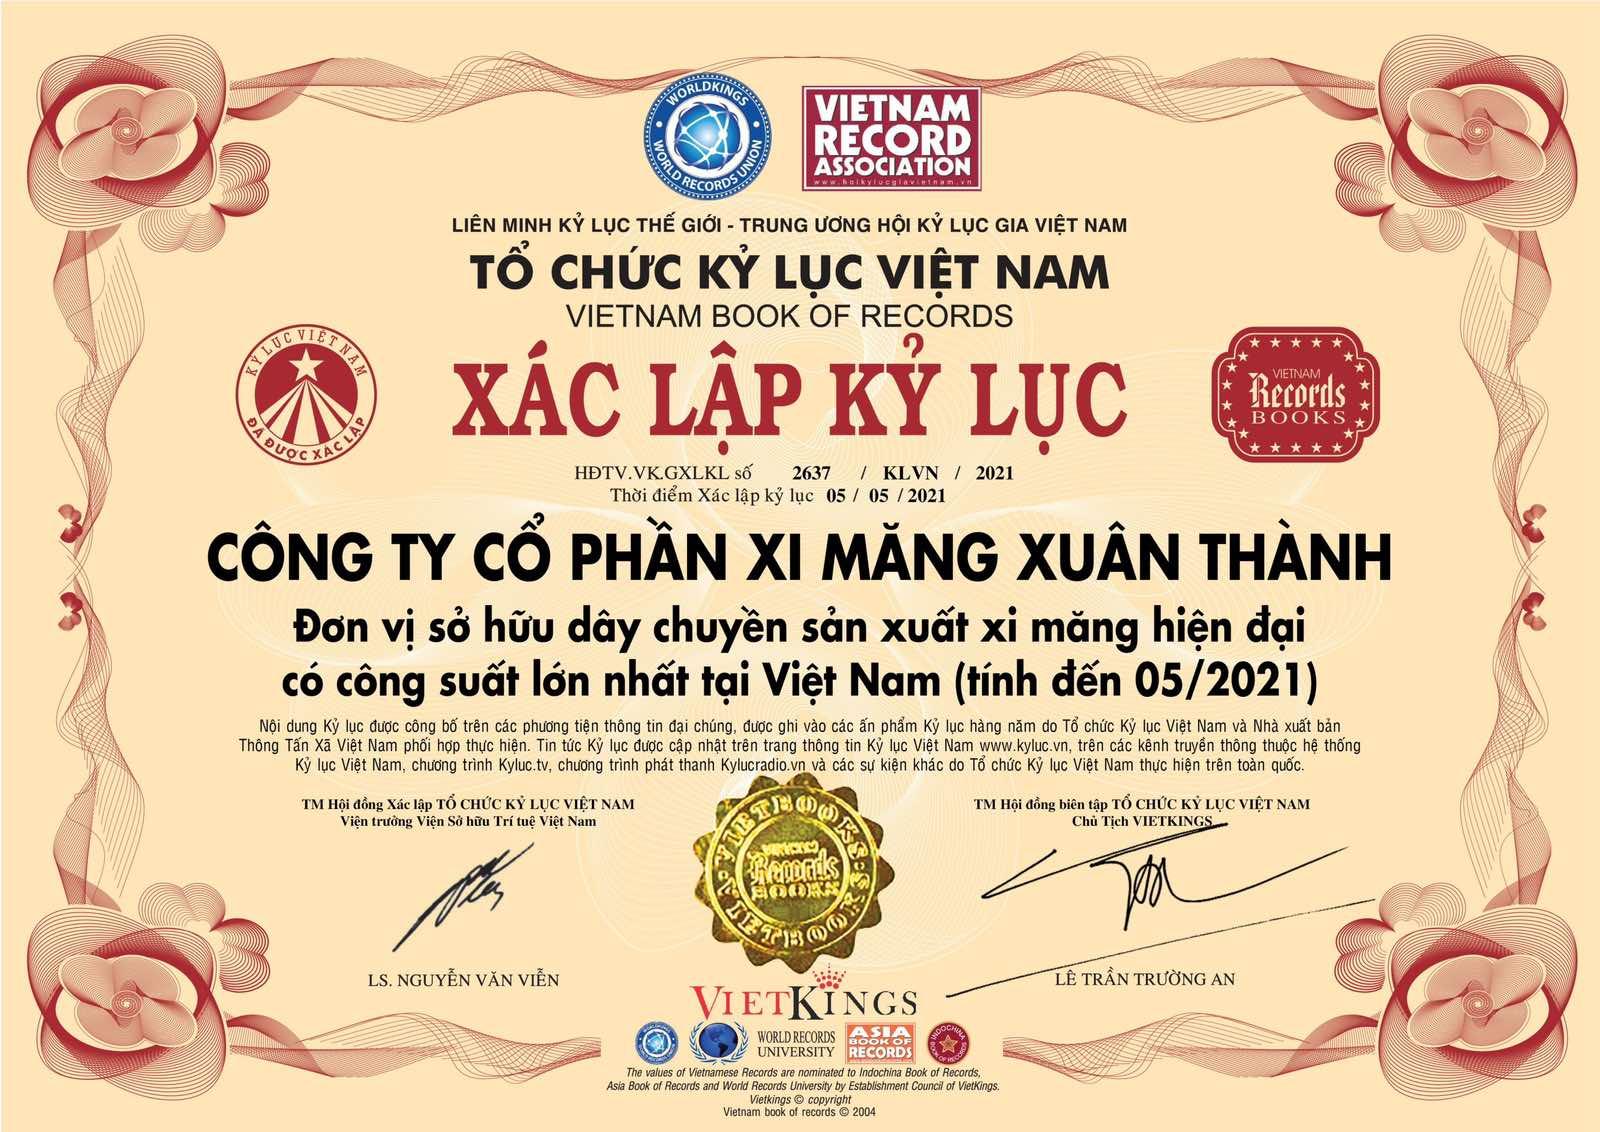 Công ty CPXi măng Xuân Thành đã chính thức xác lập kỷ lục là đơn vị sở hữu dây chuyền sản xuất xi măng hiện đại có công suất lớn nhất tại Việt Nam kể từ ngày 5 tháng 5 năm 2021.